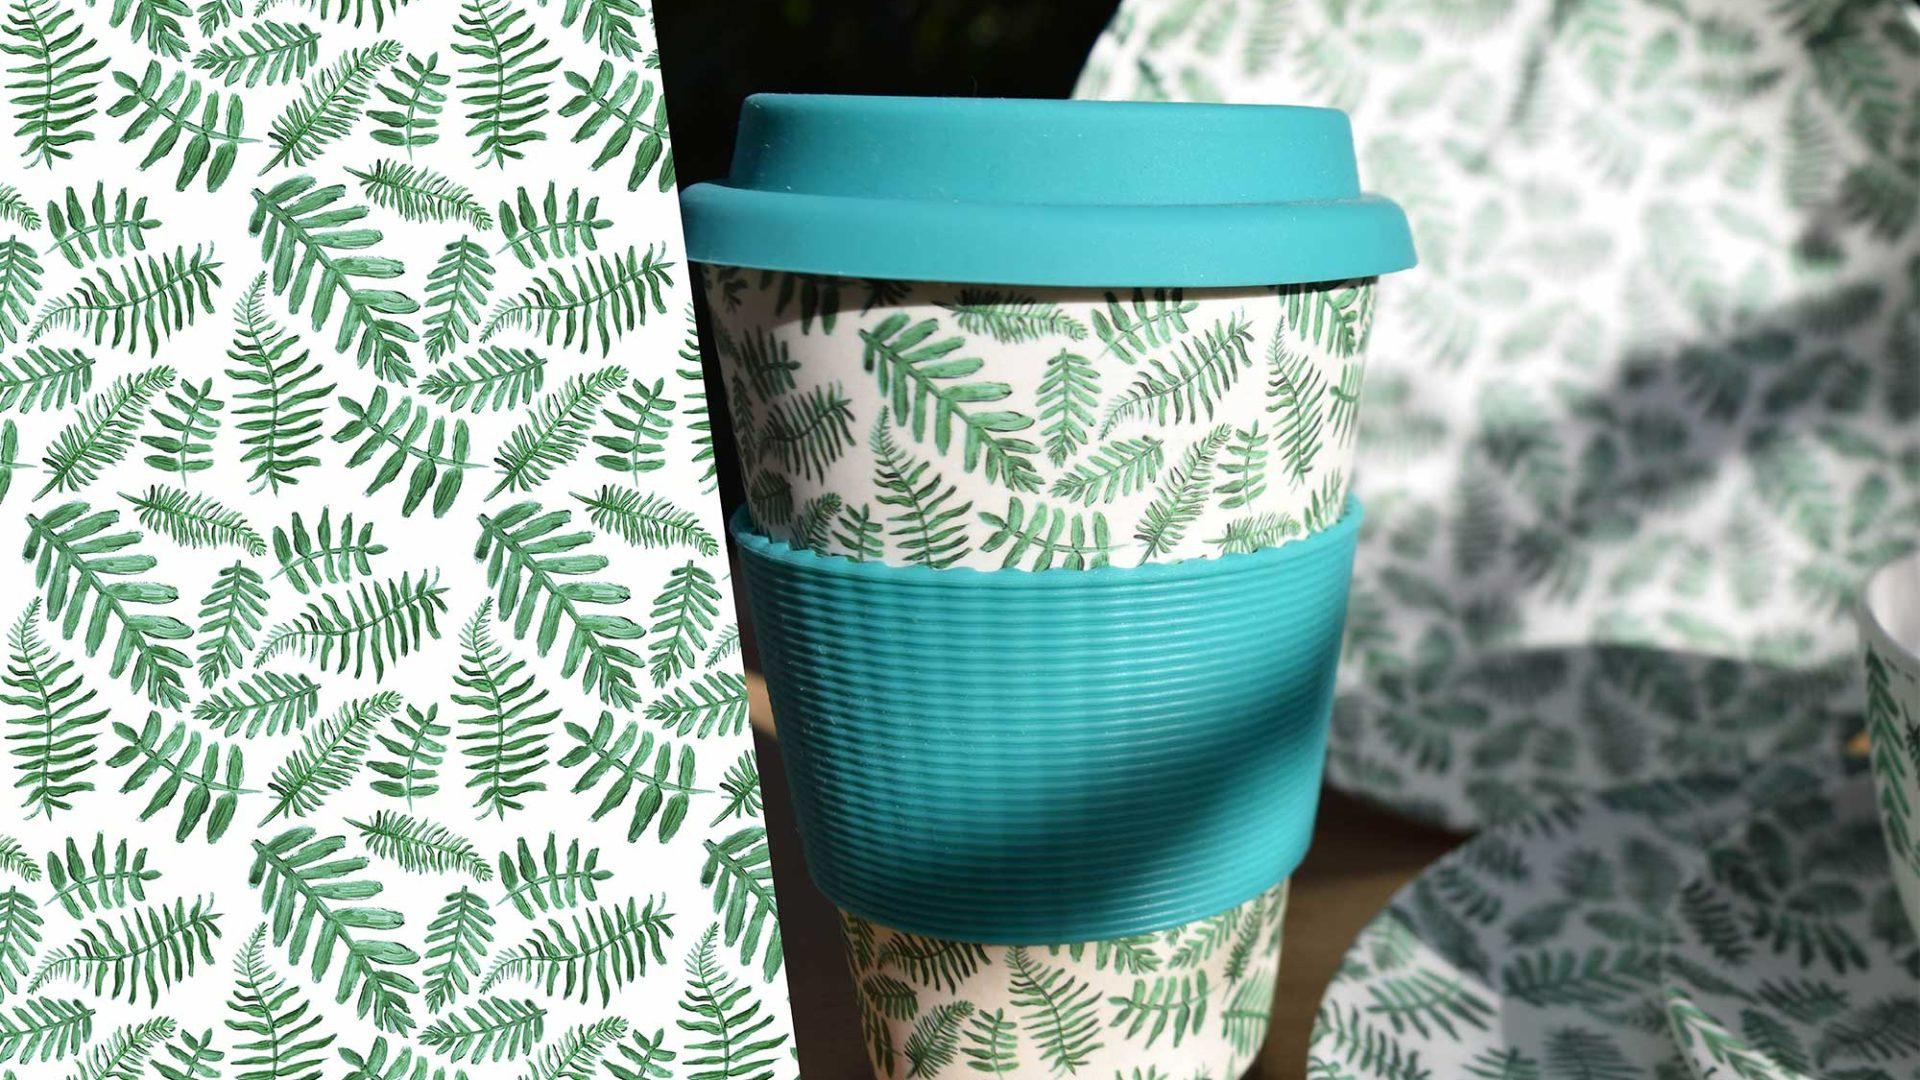 Eden Project bamboo homewares